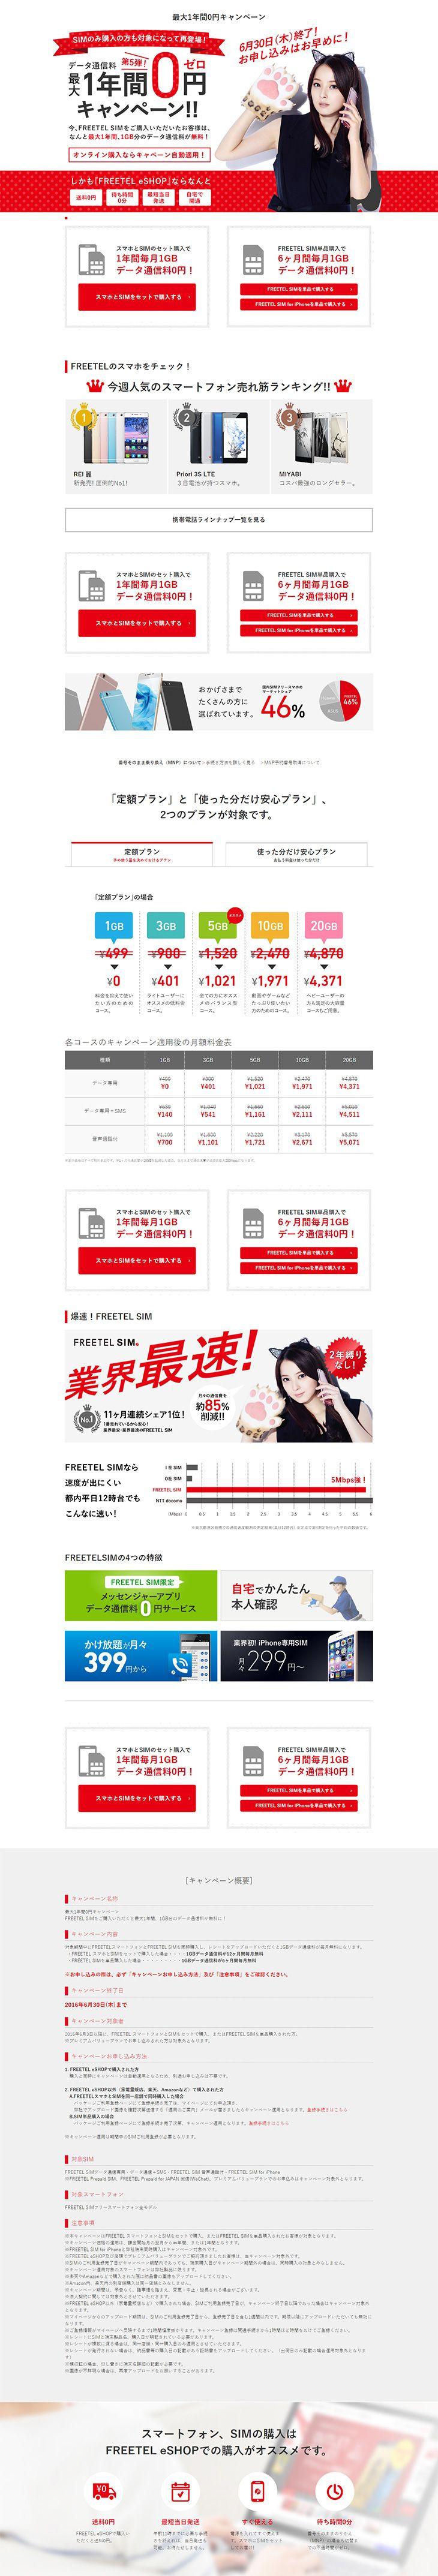 最大1年間0円キャンペーン|FREETELの格安SIM【サービス関連】のLPデザイン。WEBデザイナーさん必見!ランディングページのデザイン参考に(シンプル系)